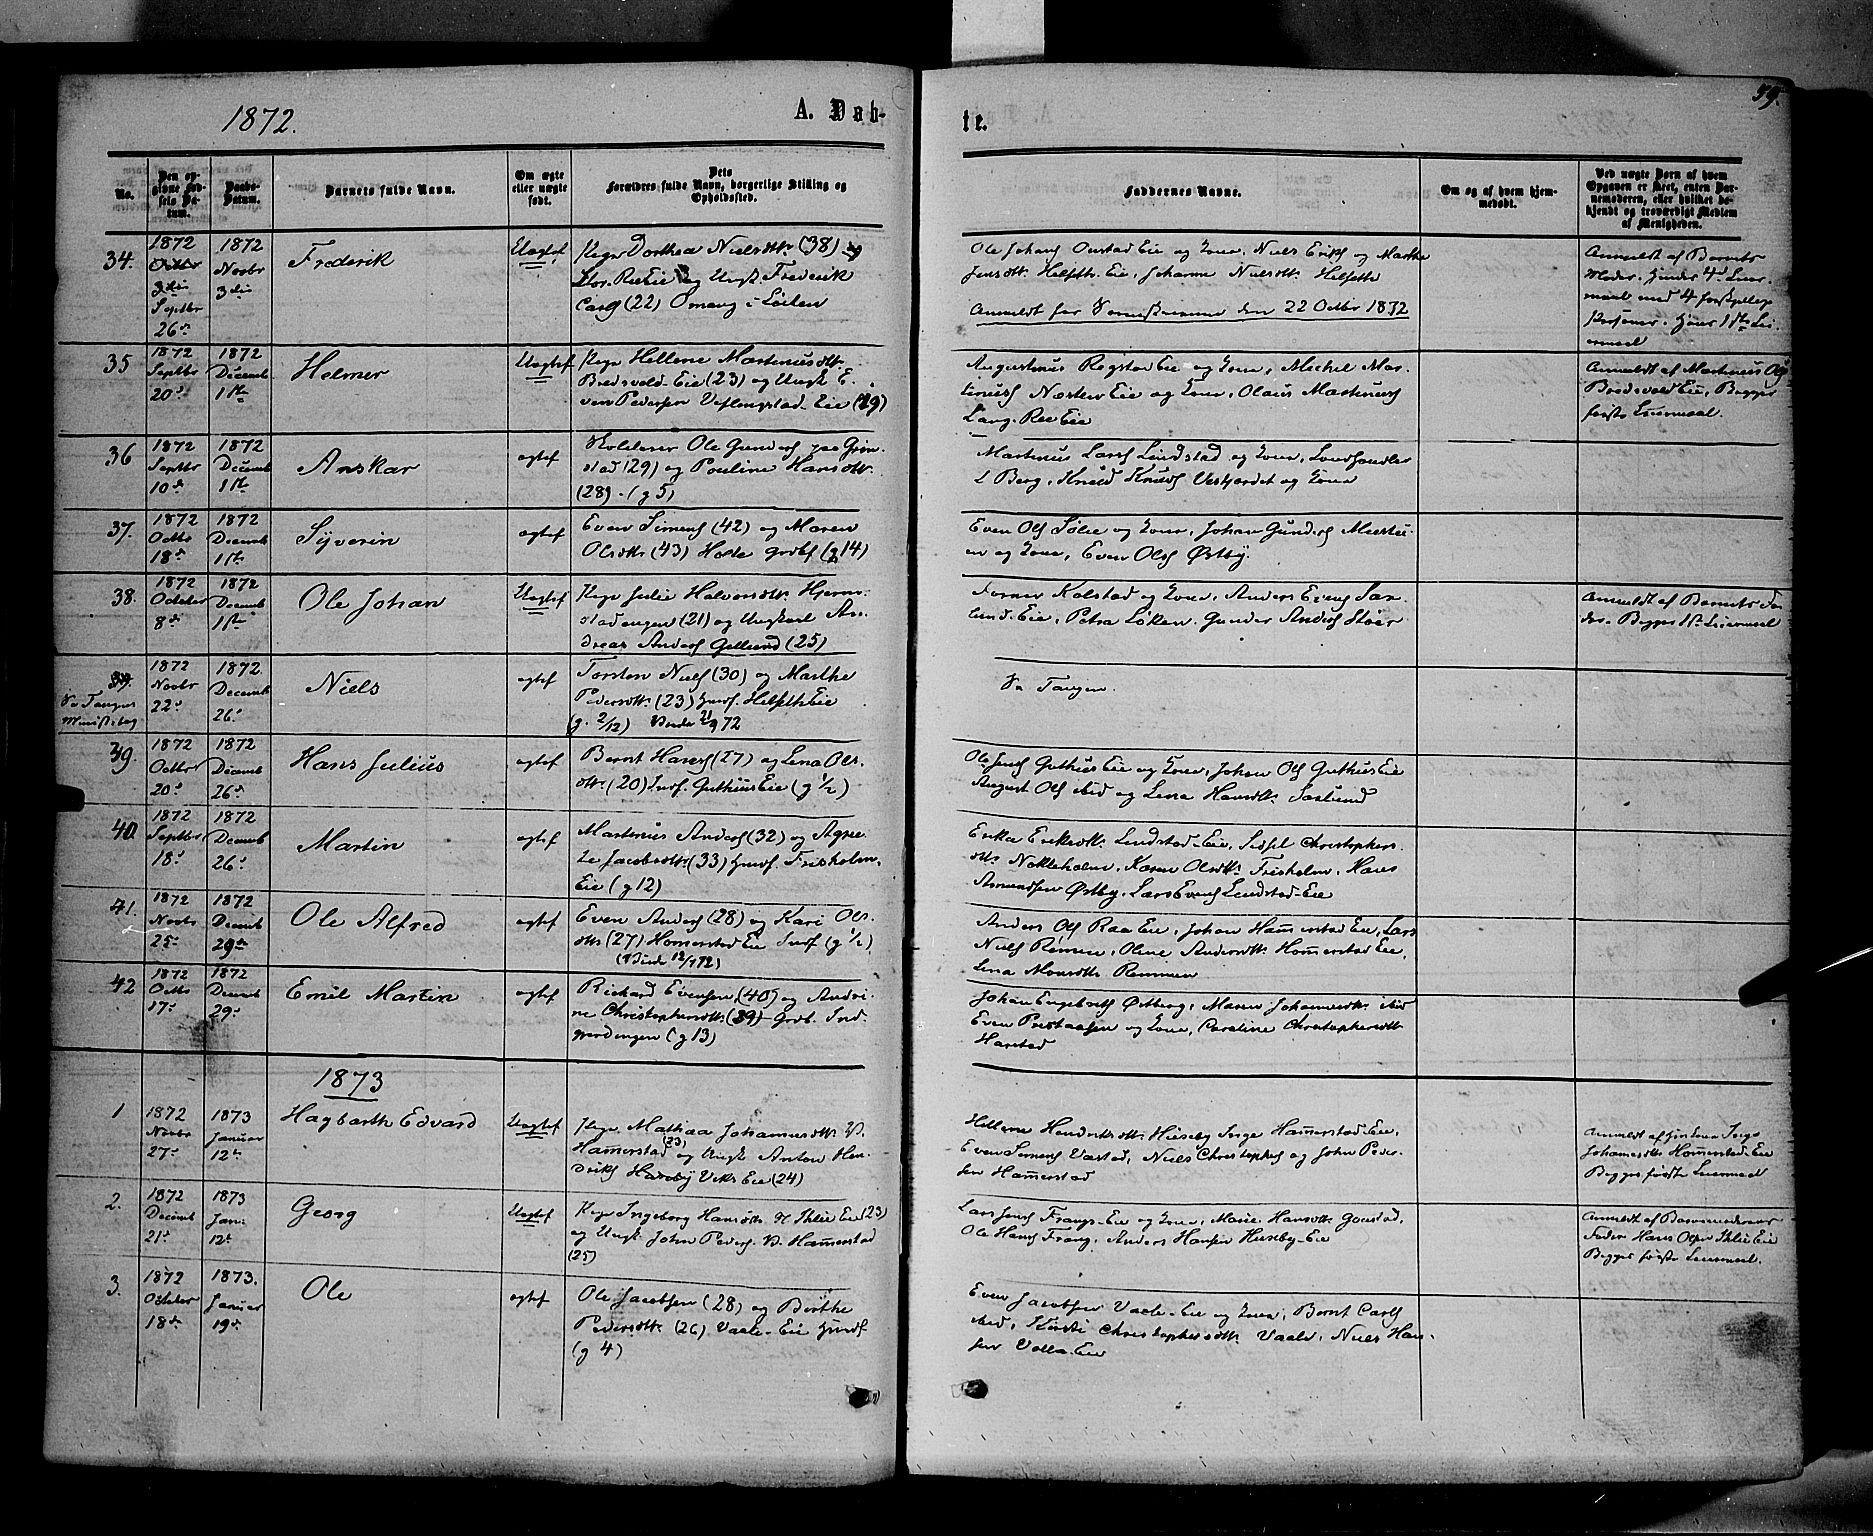 SAH, Stange prestekontor, K/L0013: Parish register (official) no. 13, 1862-1879, p. 59